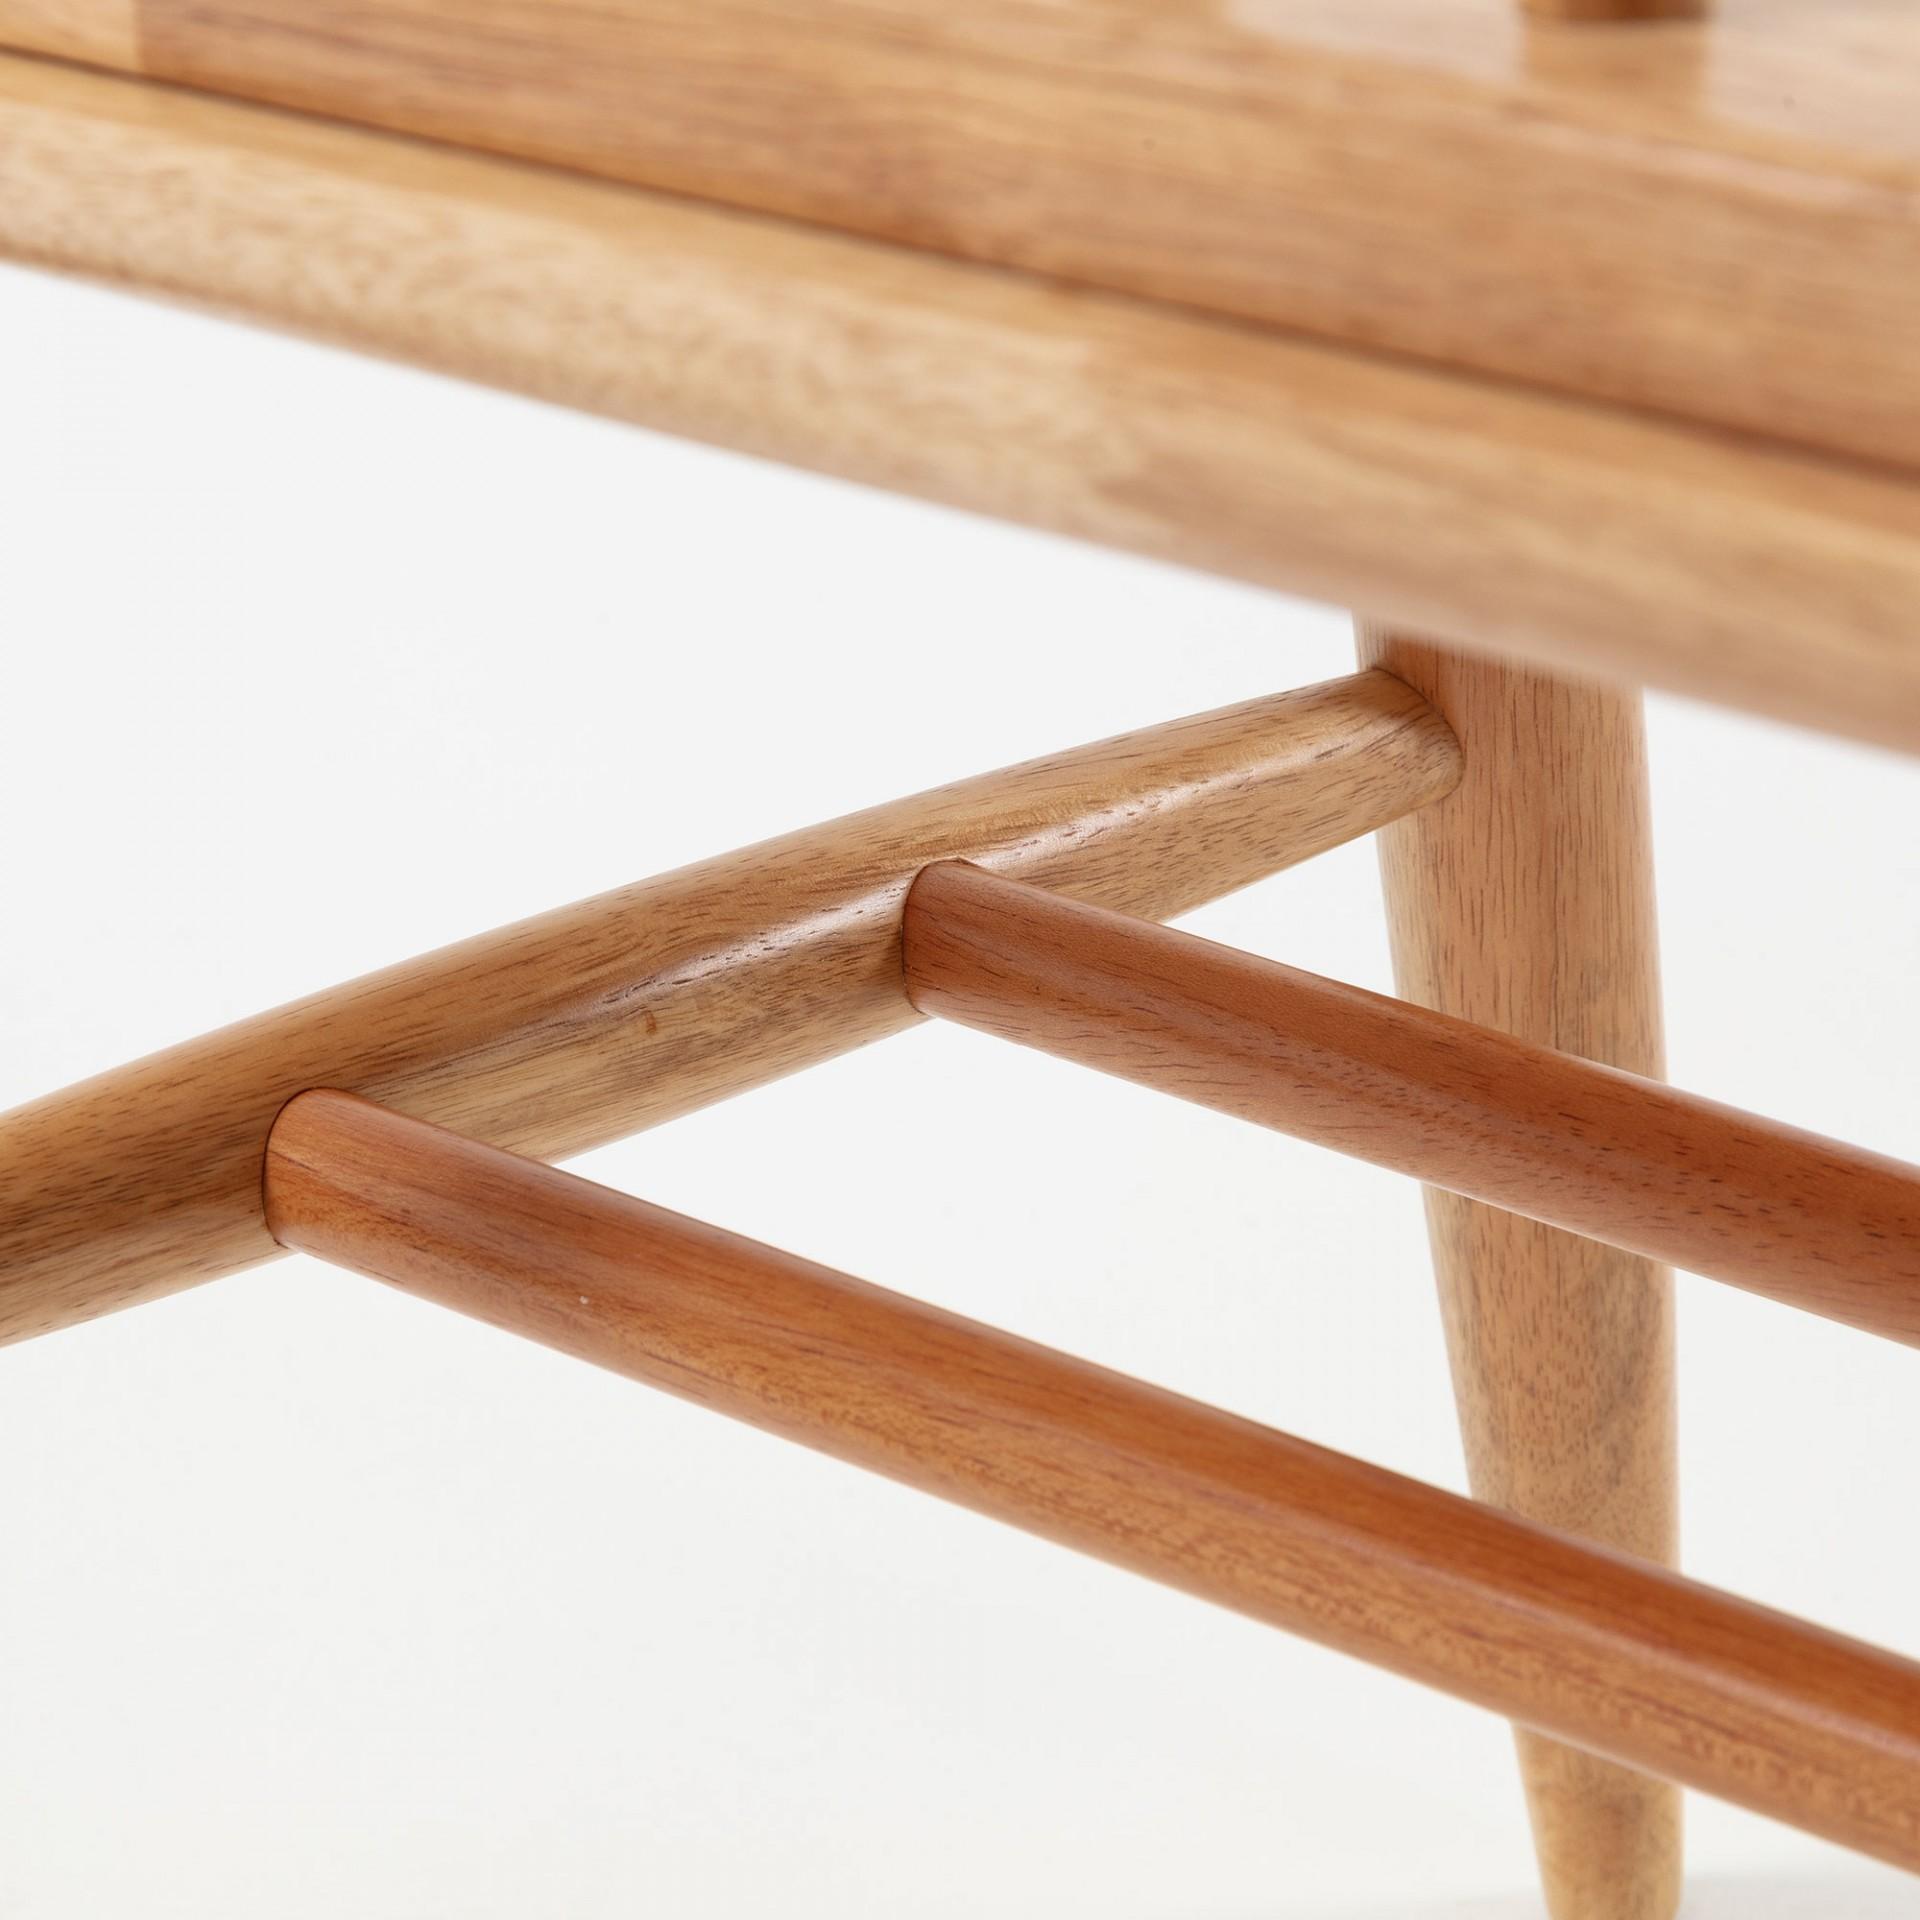 Banco Lover, 2x lugares, madeira de seringueira natural